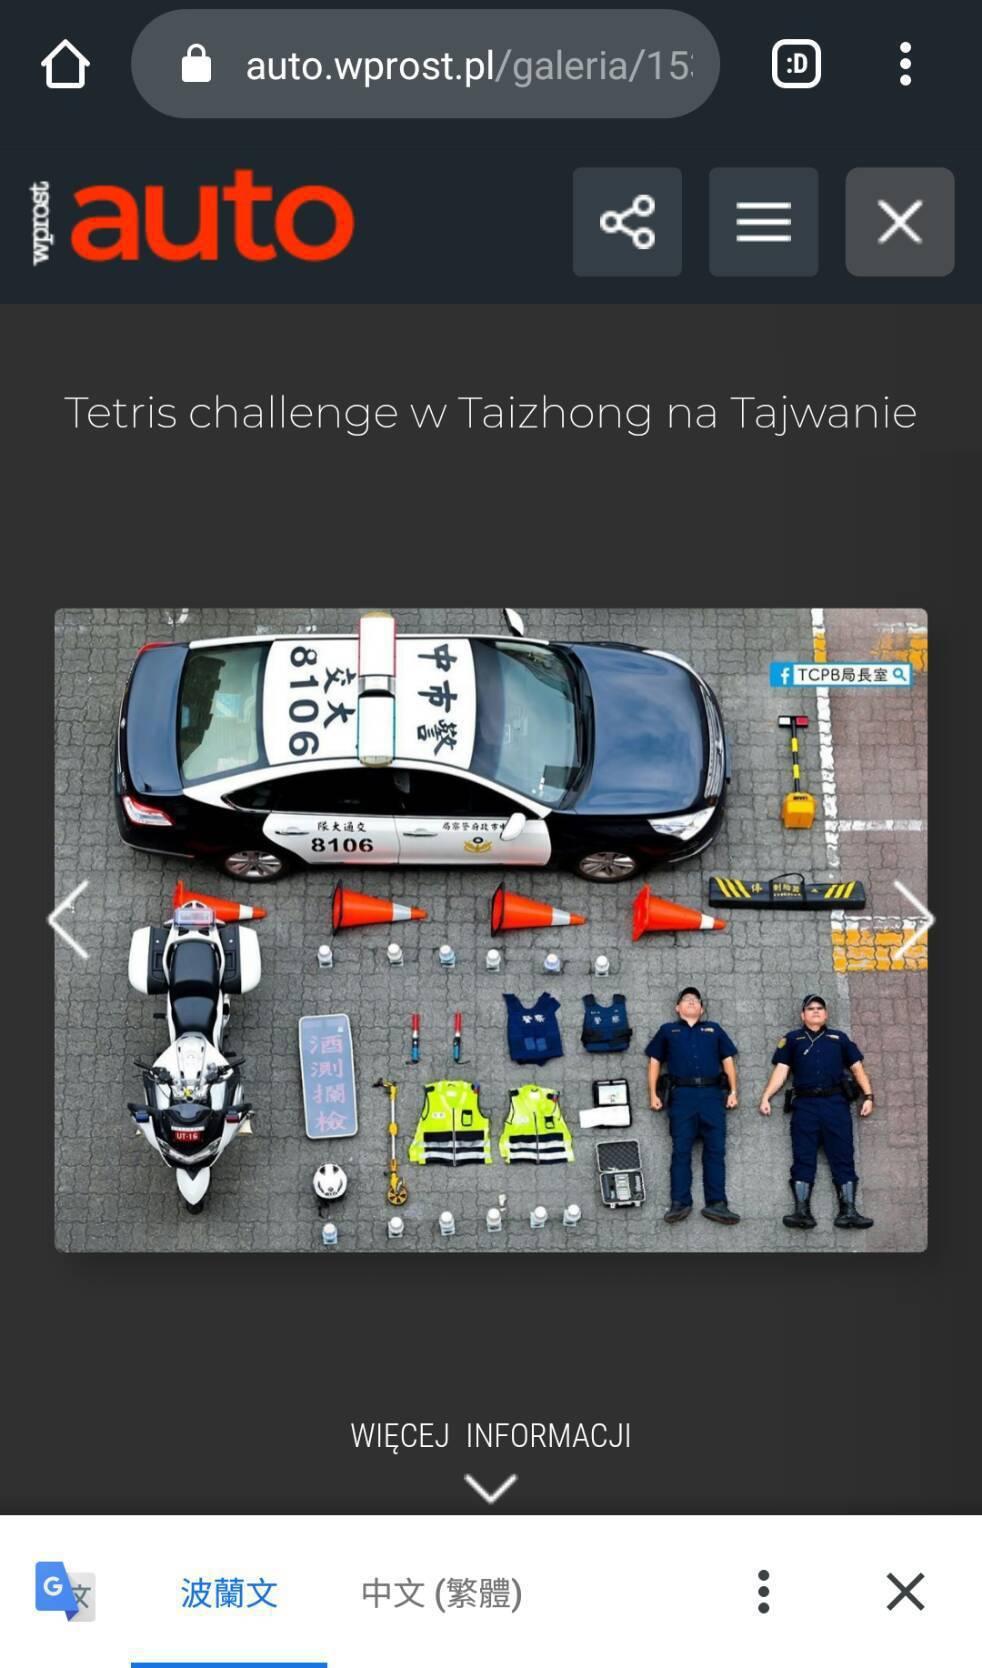 台中市警方首開台灣風氣之先, 開箱照片登上歐洲媒體網站。圖/取自auto.wpr...